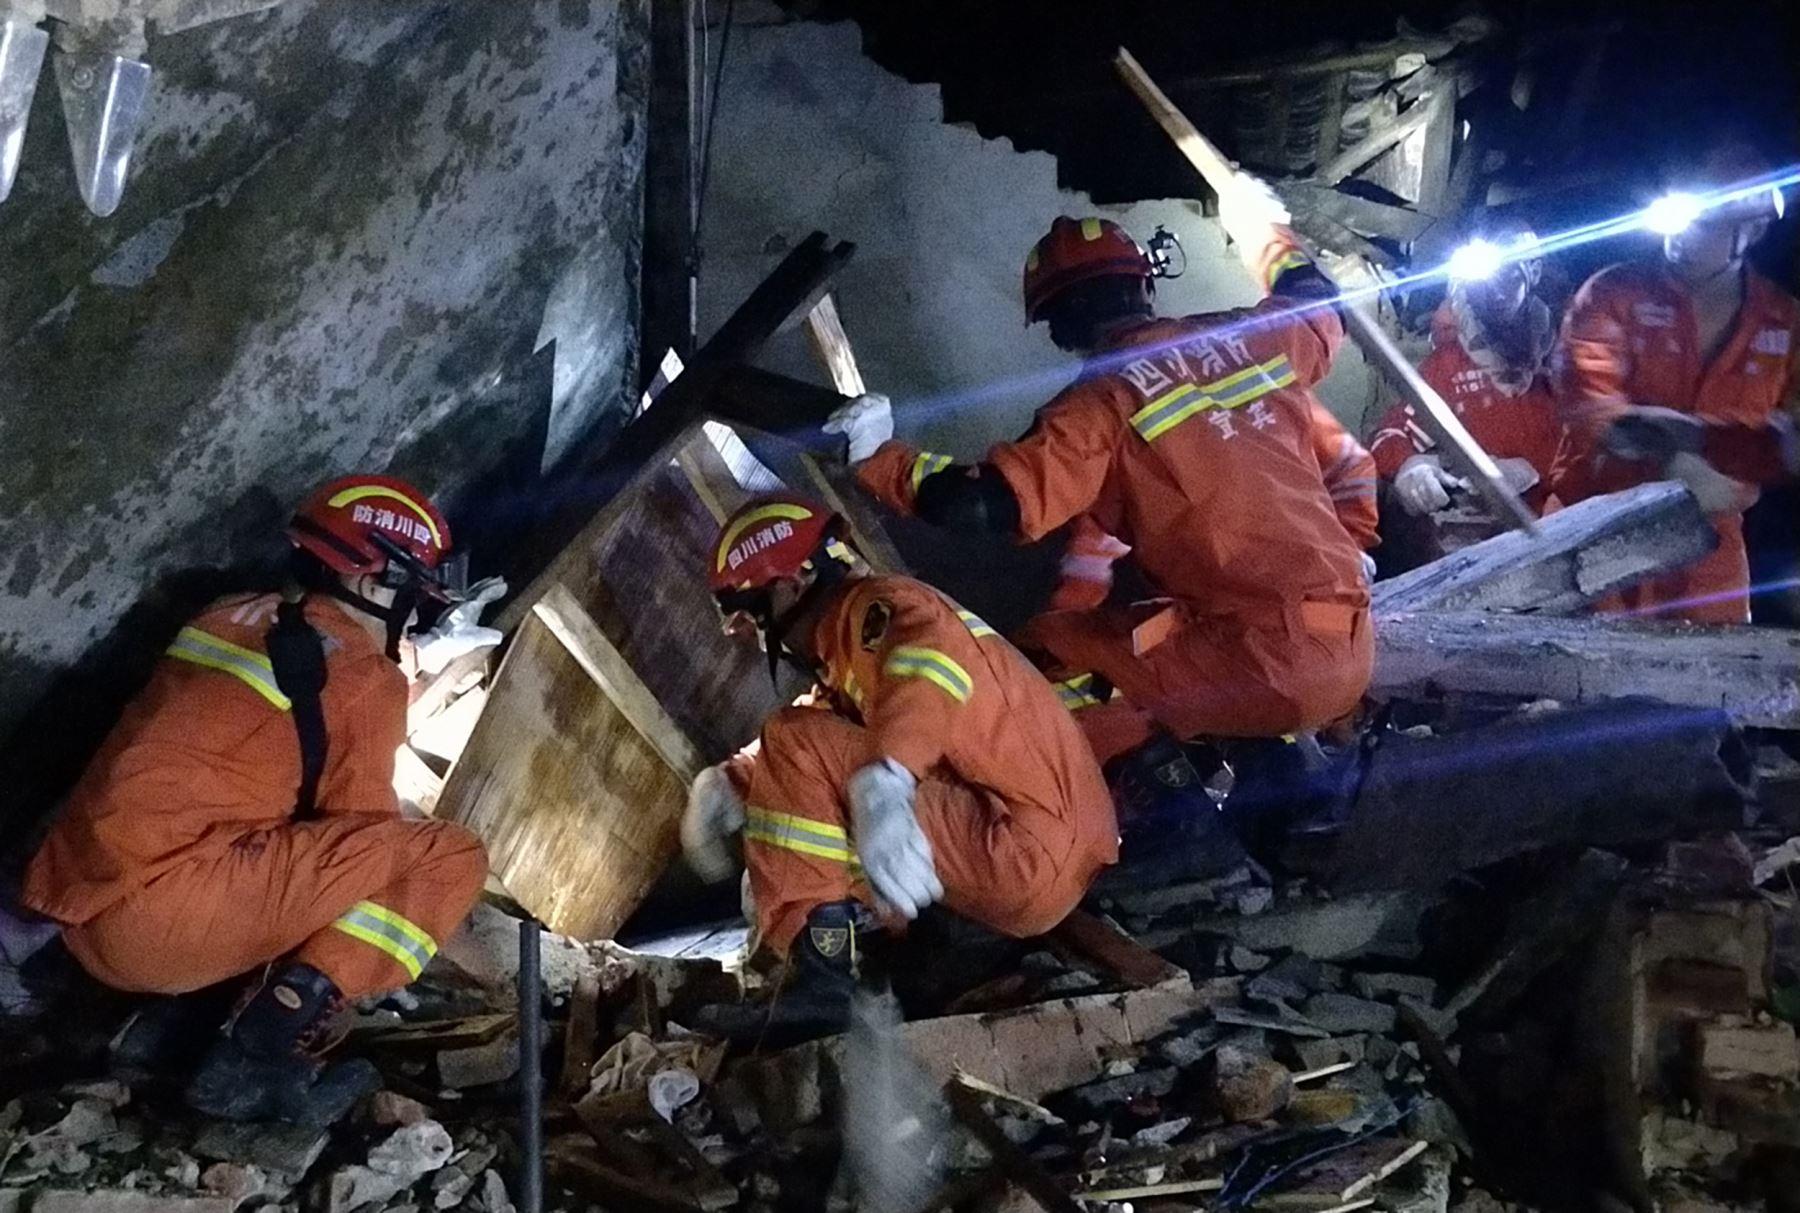 Rescatistas buscan entre los escombros a sobrevivientes del terremoto de un edificio en Yibin, en la provincia de Sichuan, suroeste de China. Foto: AFP